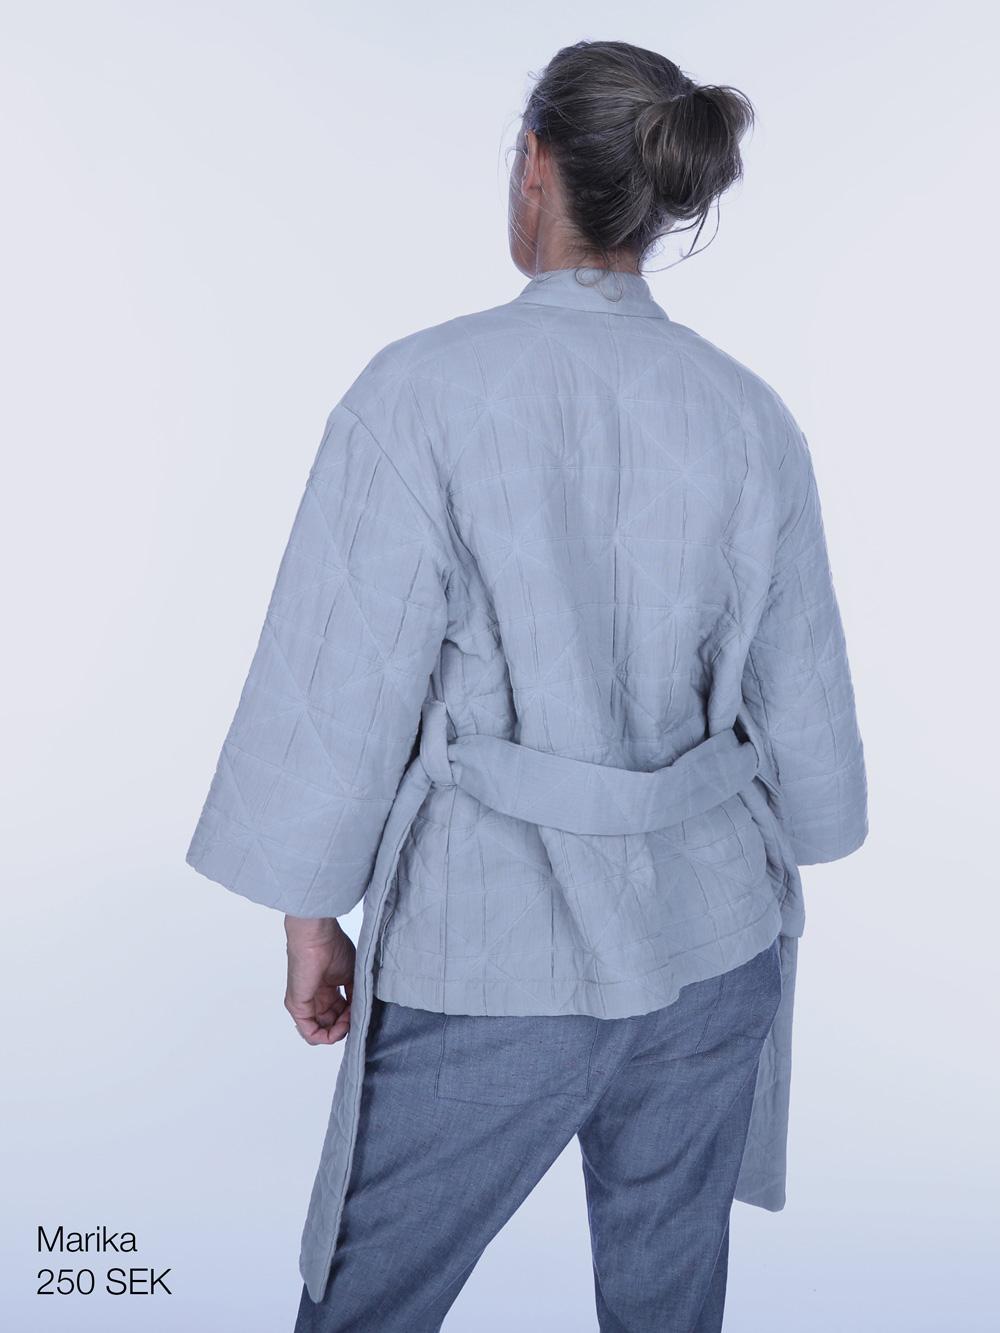 sewing_pattern_mf_marika7g